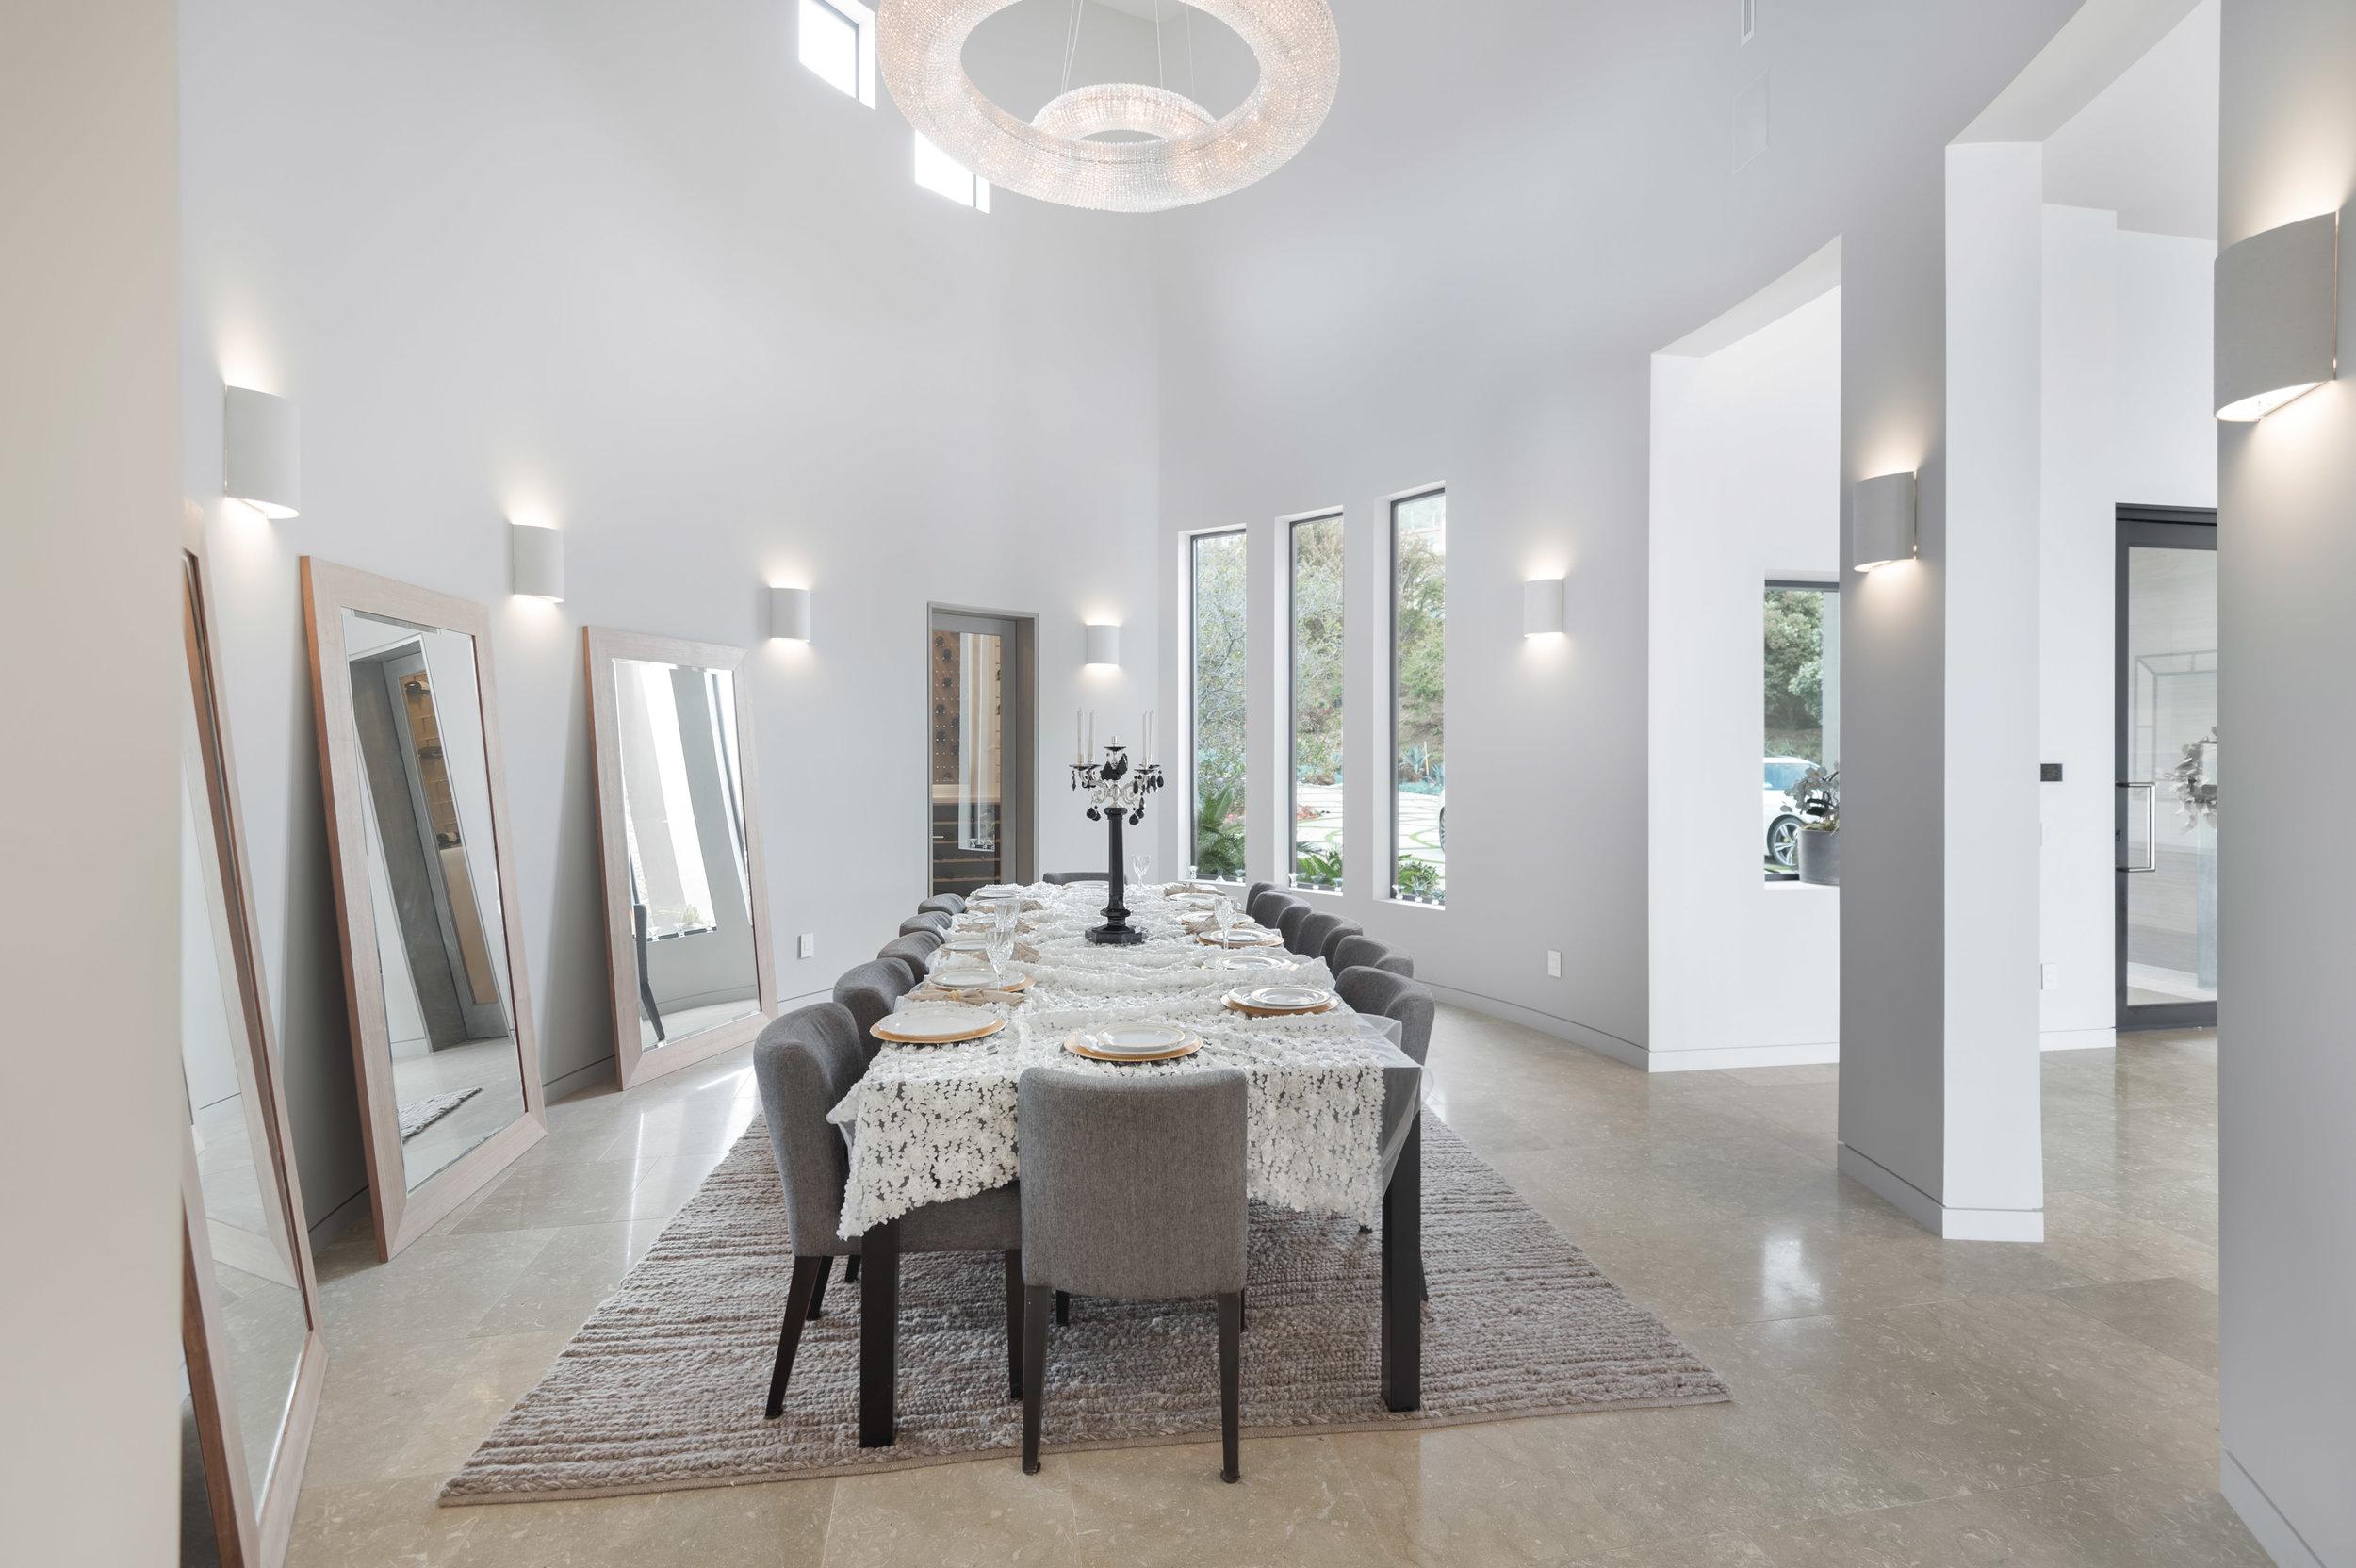 012 living room 5 11902 Ellice Street Malibu For Sale The Malibu Life Team Luxury Real Estate.jpg